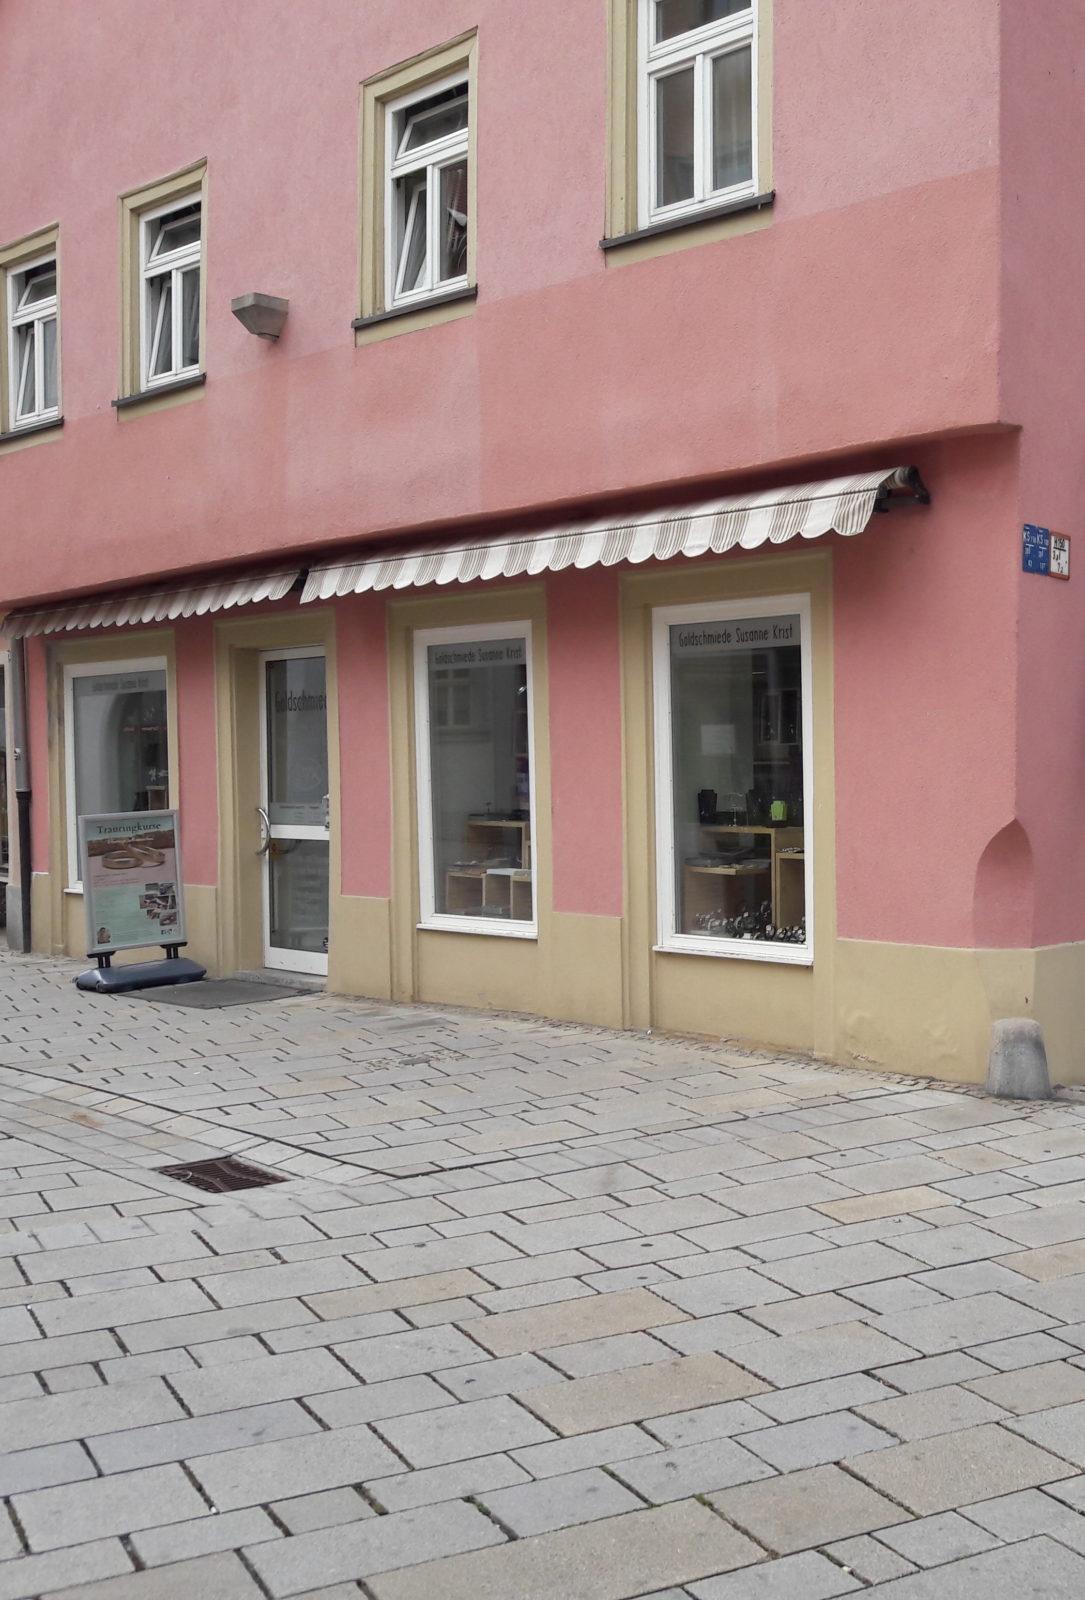 Die Goldschmiede Susanne Krist in der Altstadt von Ochsenfurt bei Würzburg.